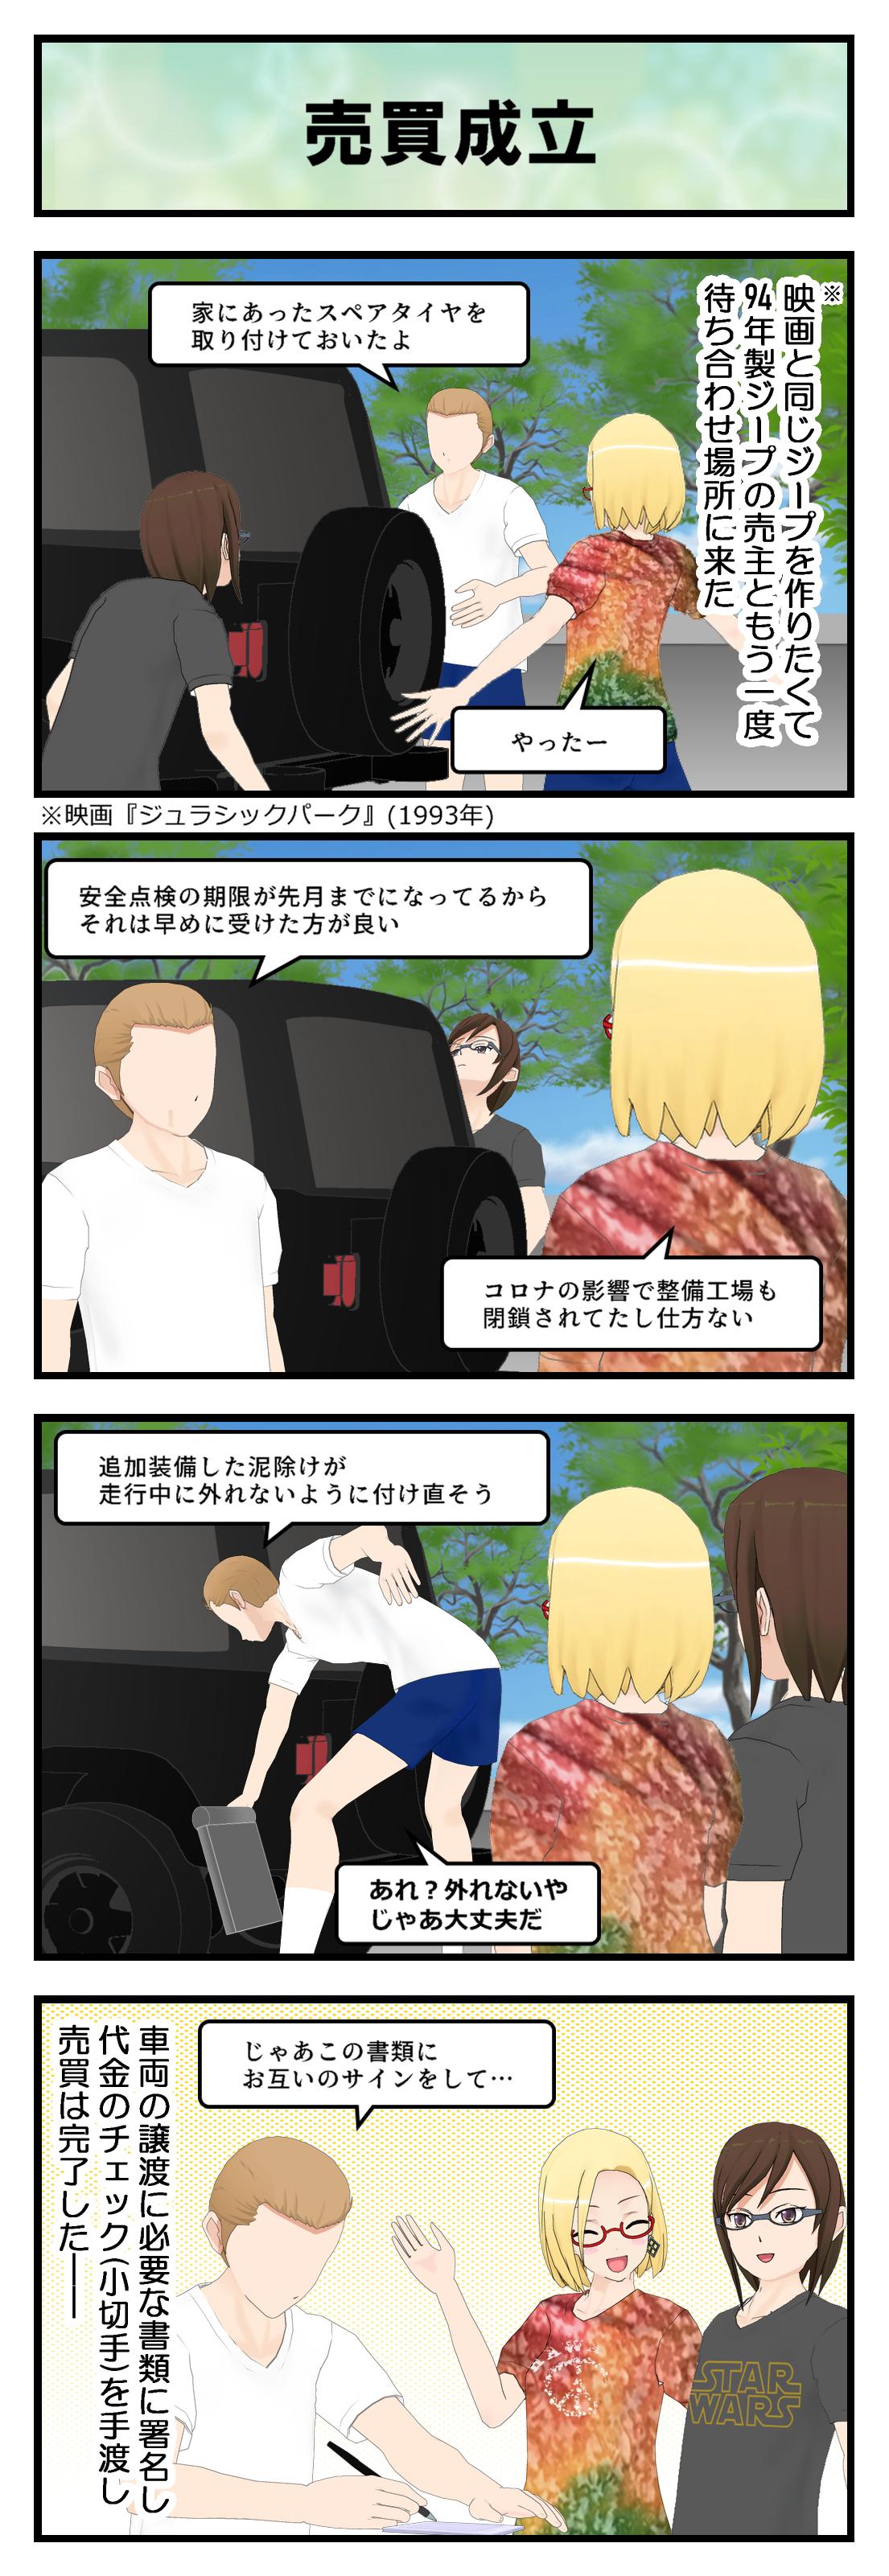 R699_売買_001